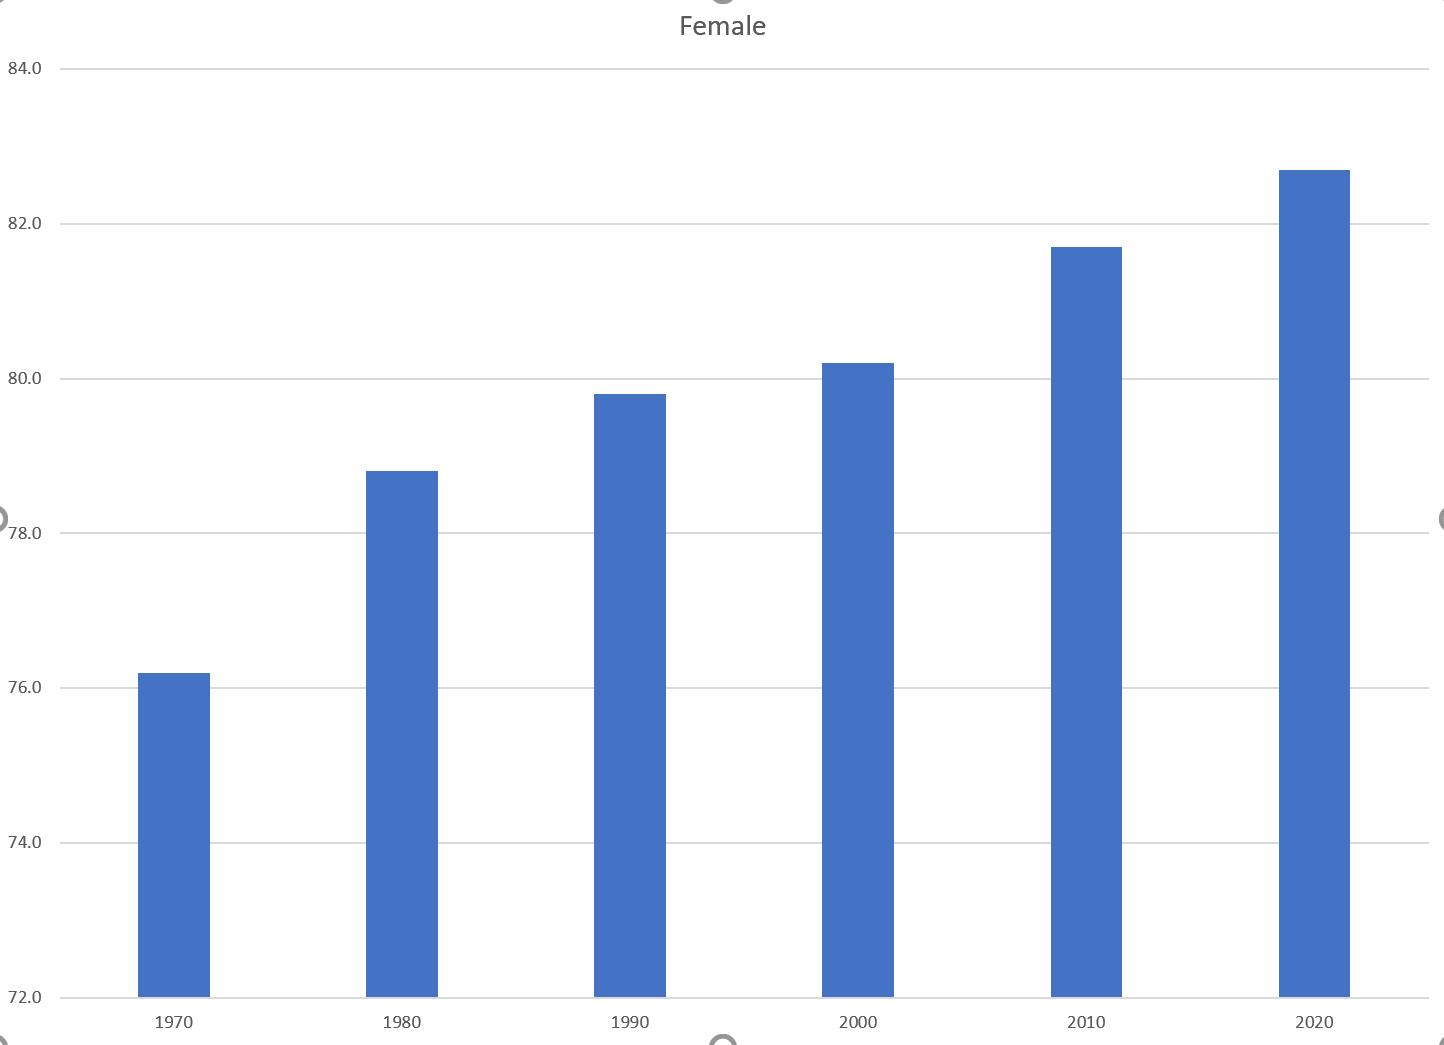 Screenshot of the Female Bar Chart